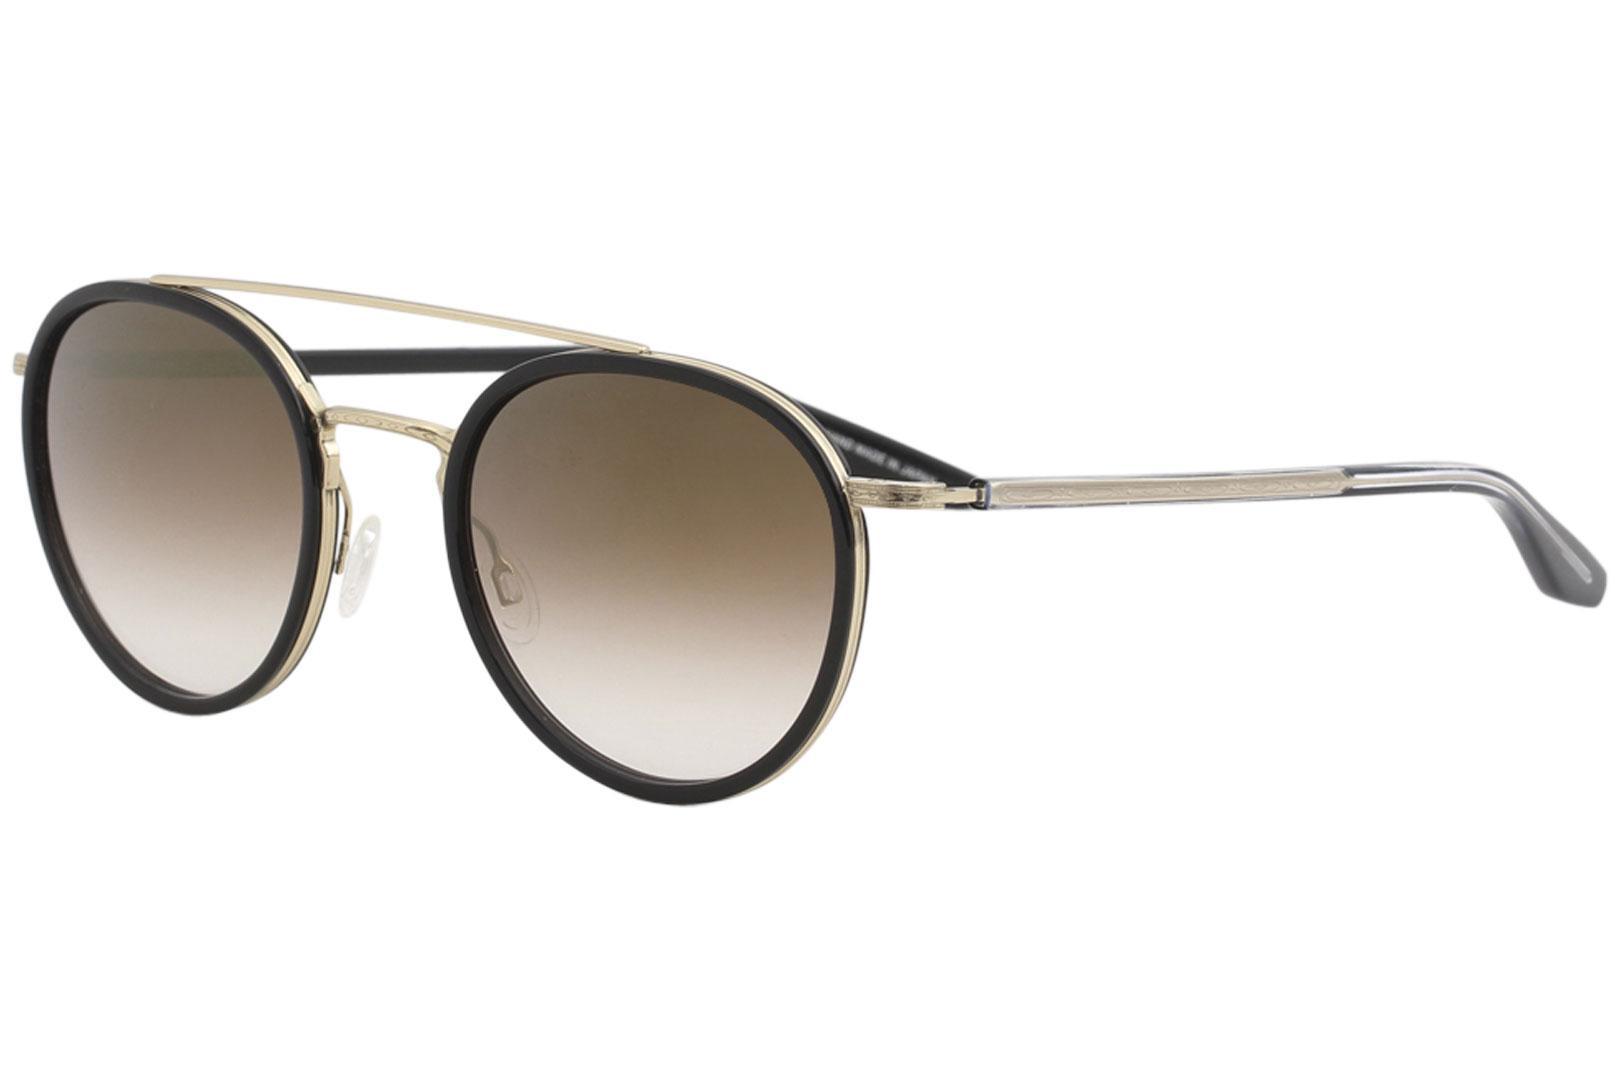 e3dc7b59c48 Barton Perreira Men s Justice Fashion Pilot Sunglasses